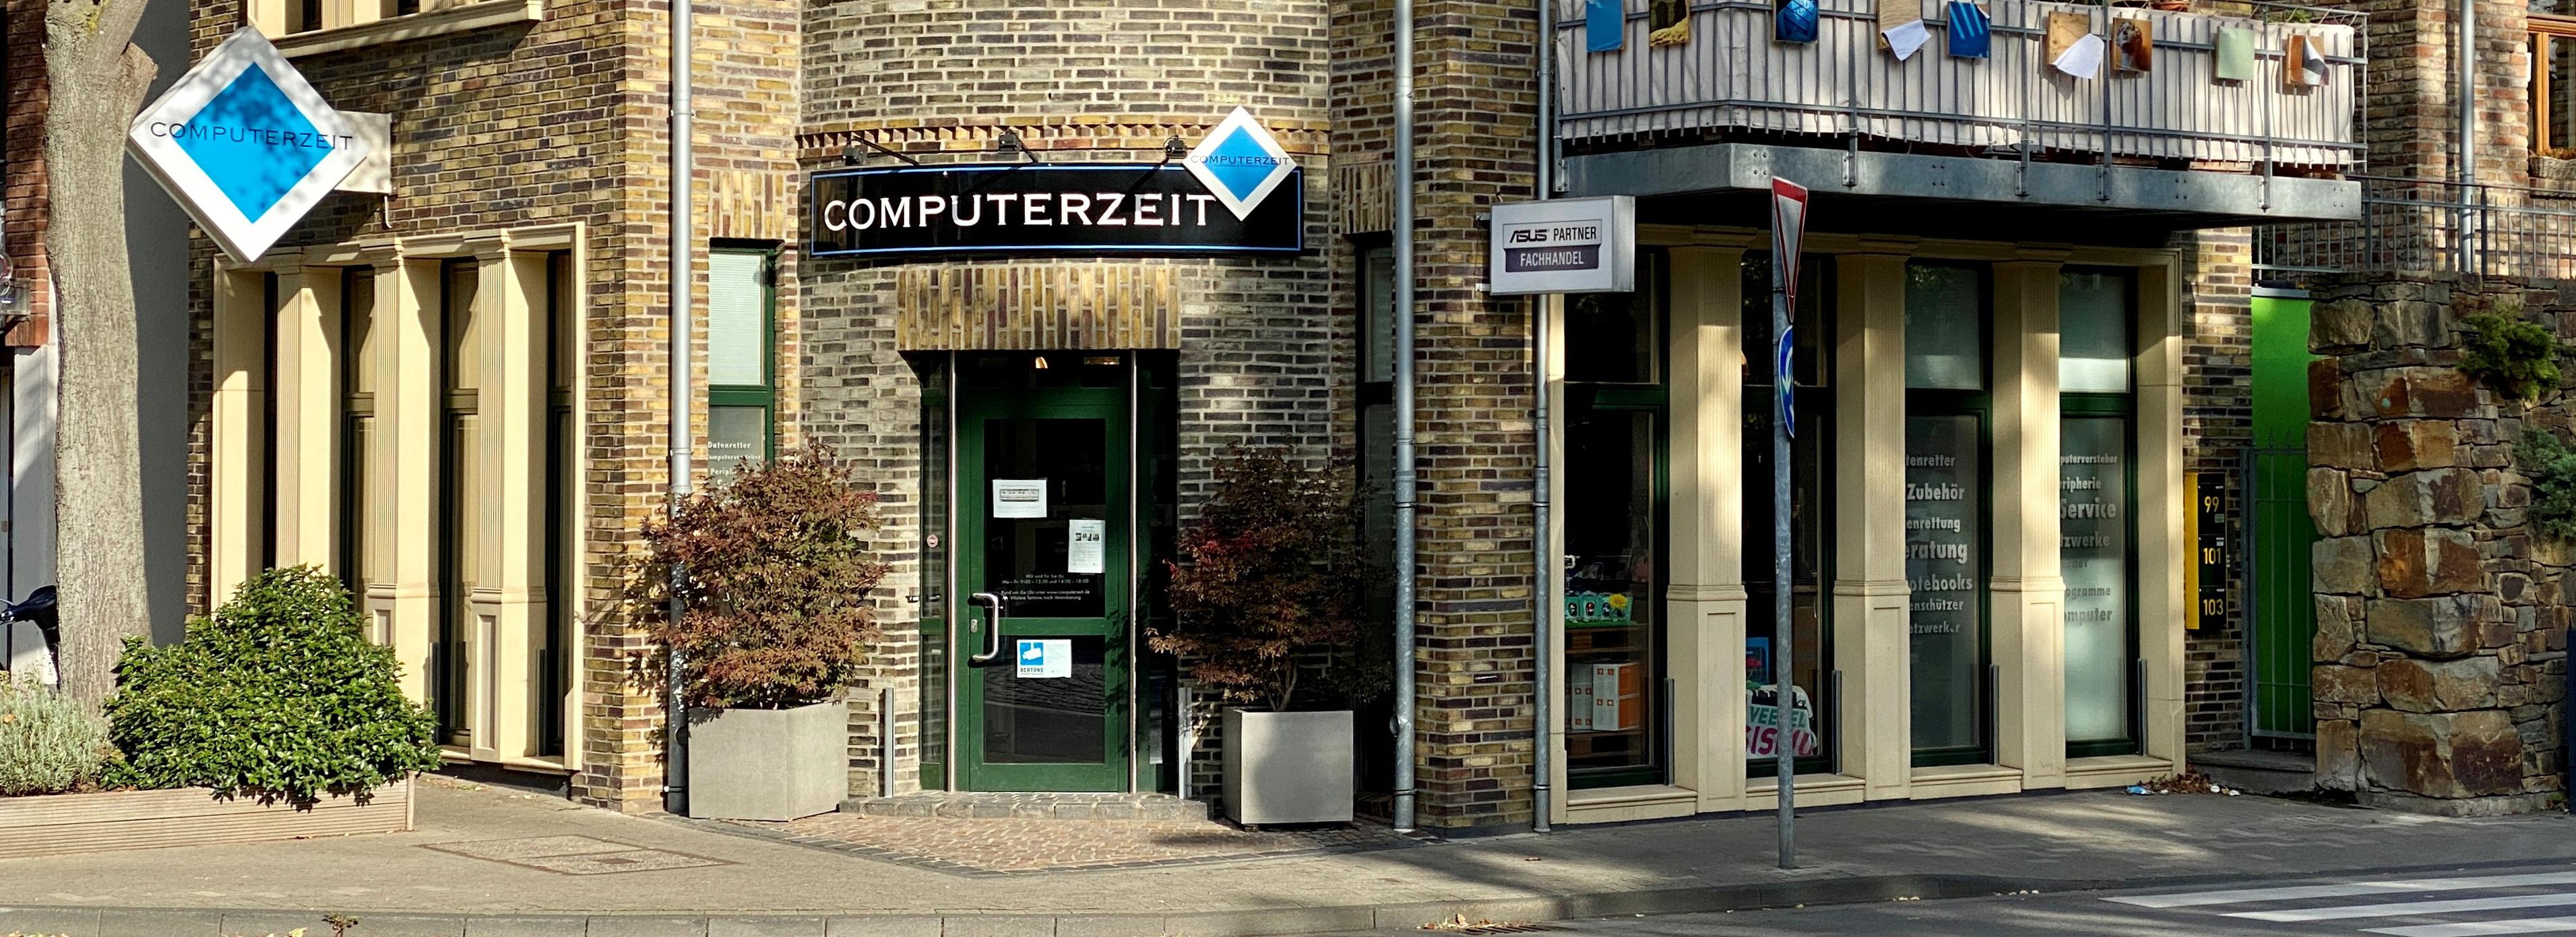 Computerzeit-Front2_1100x400